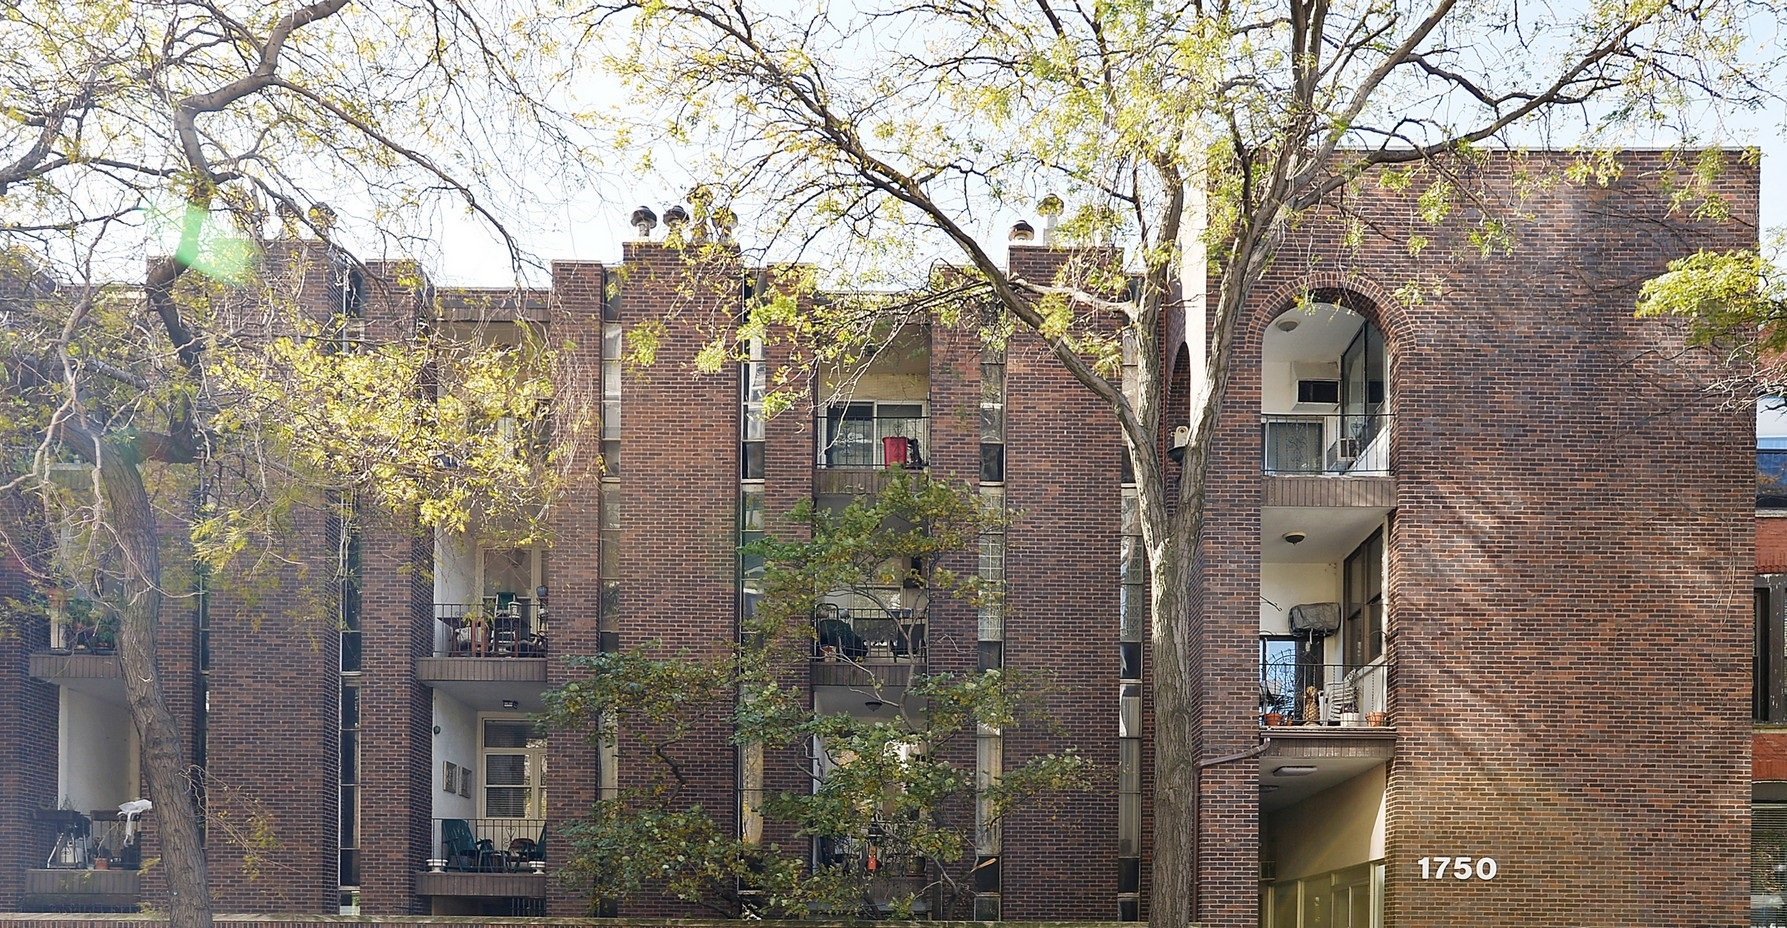 Eigentumswohnung für Verkauf beim Old Town Condo 1750 N Wells Street Unit 101 Near North Side, Chicago, Illinois 60610 Vereinigte Staaten